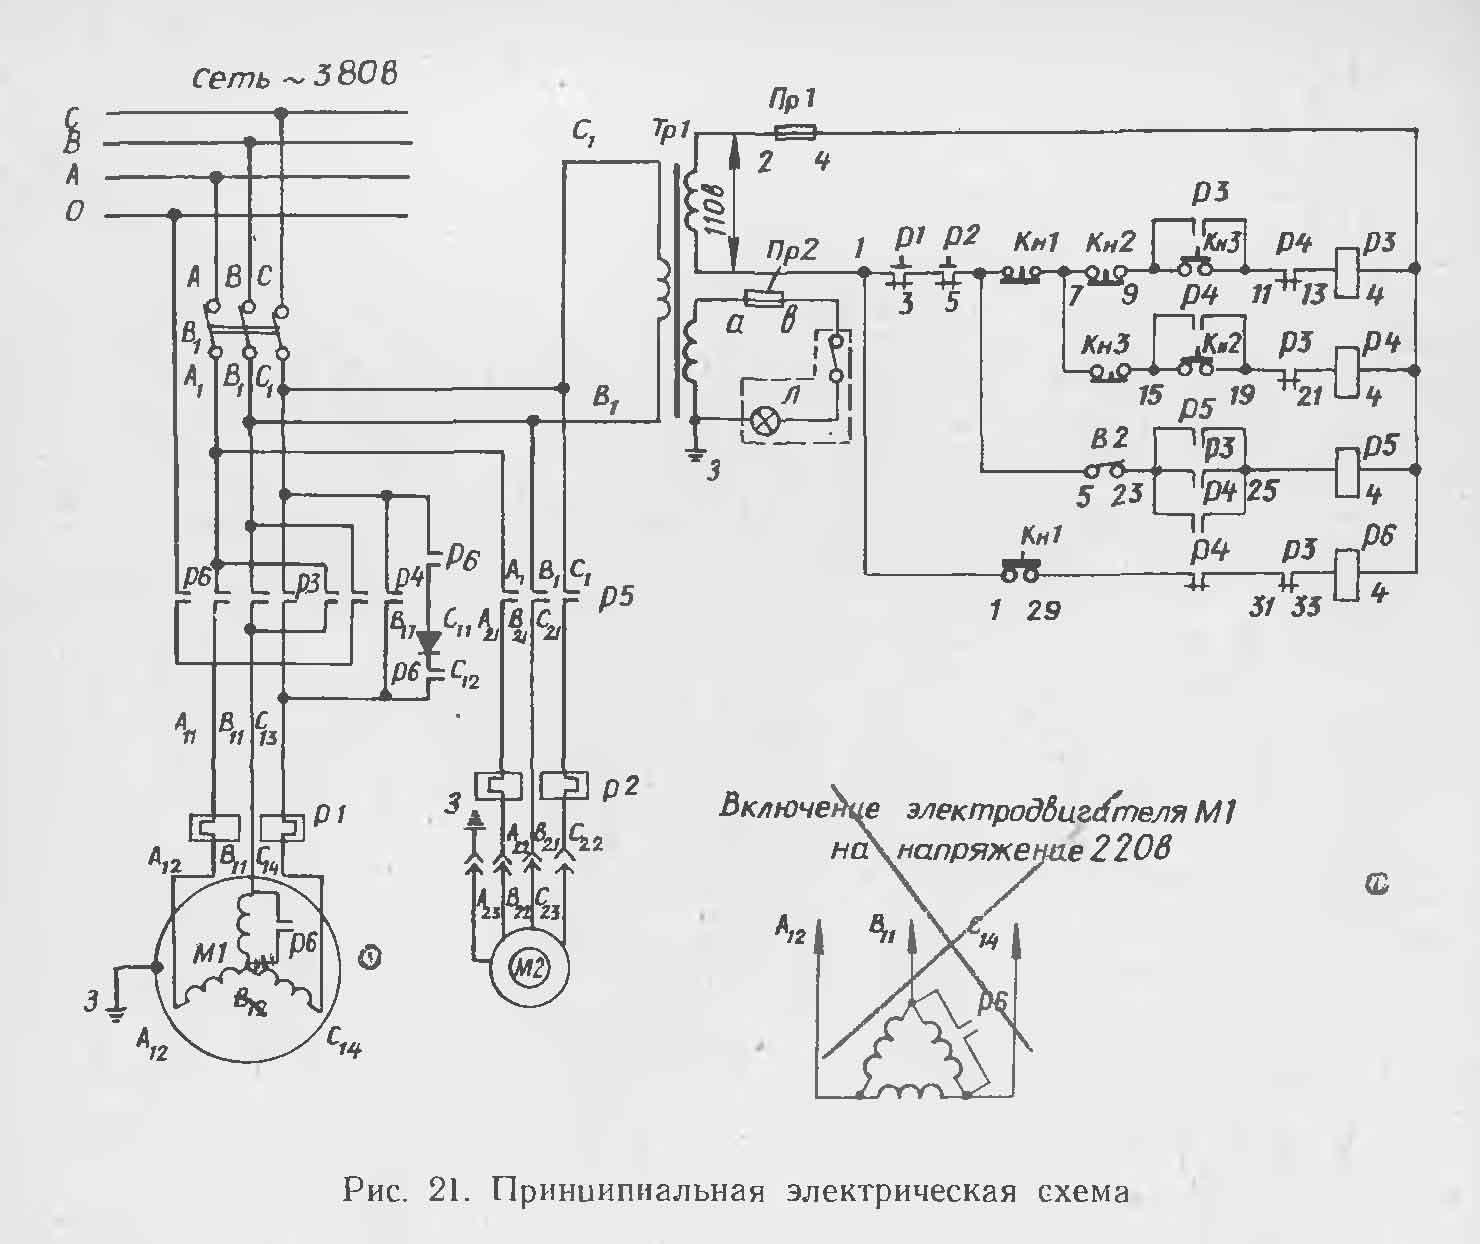 Токарно-карусельный станок электрическая схема